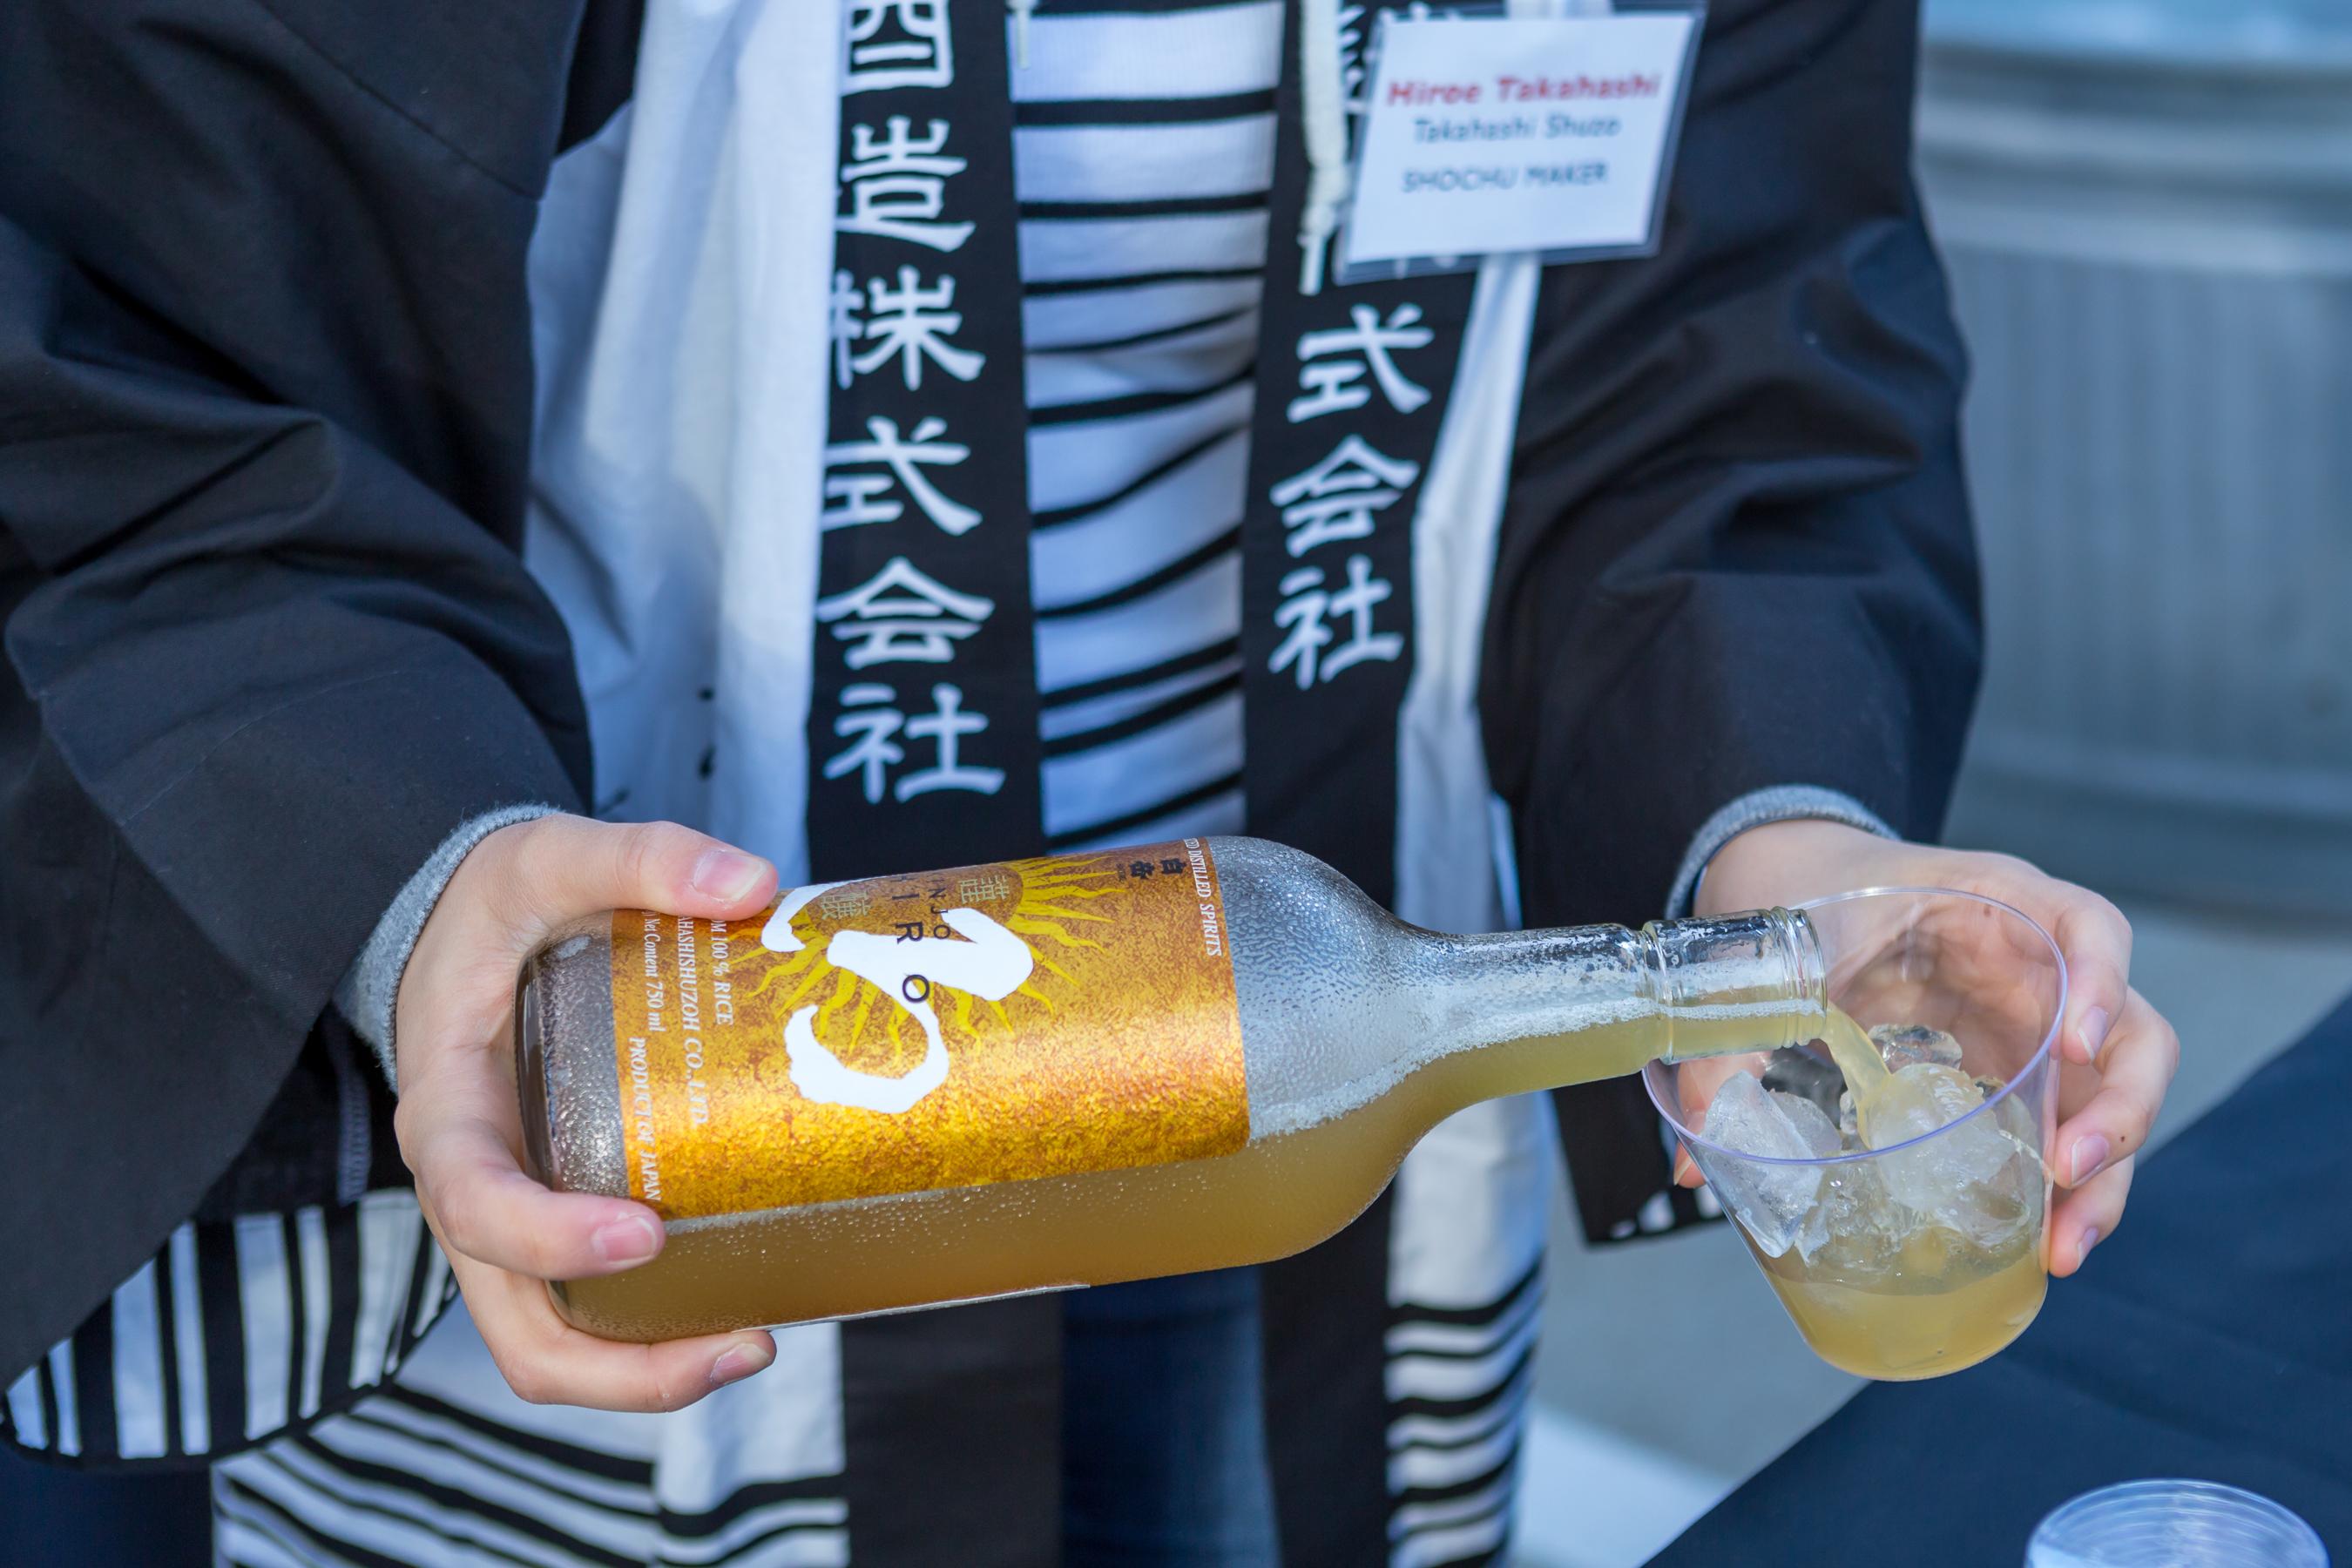 Hiroe Takahashi Schochu